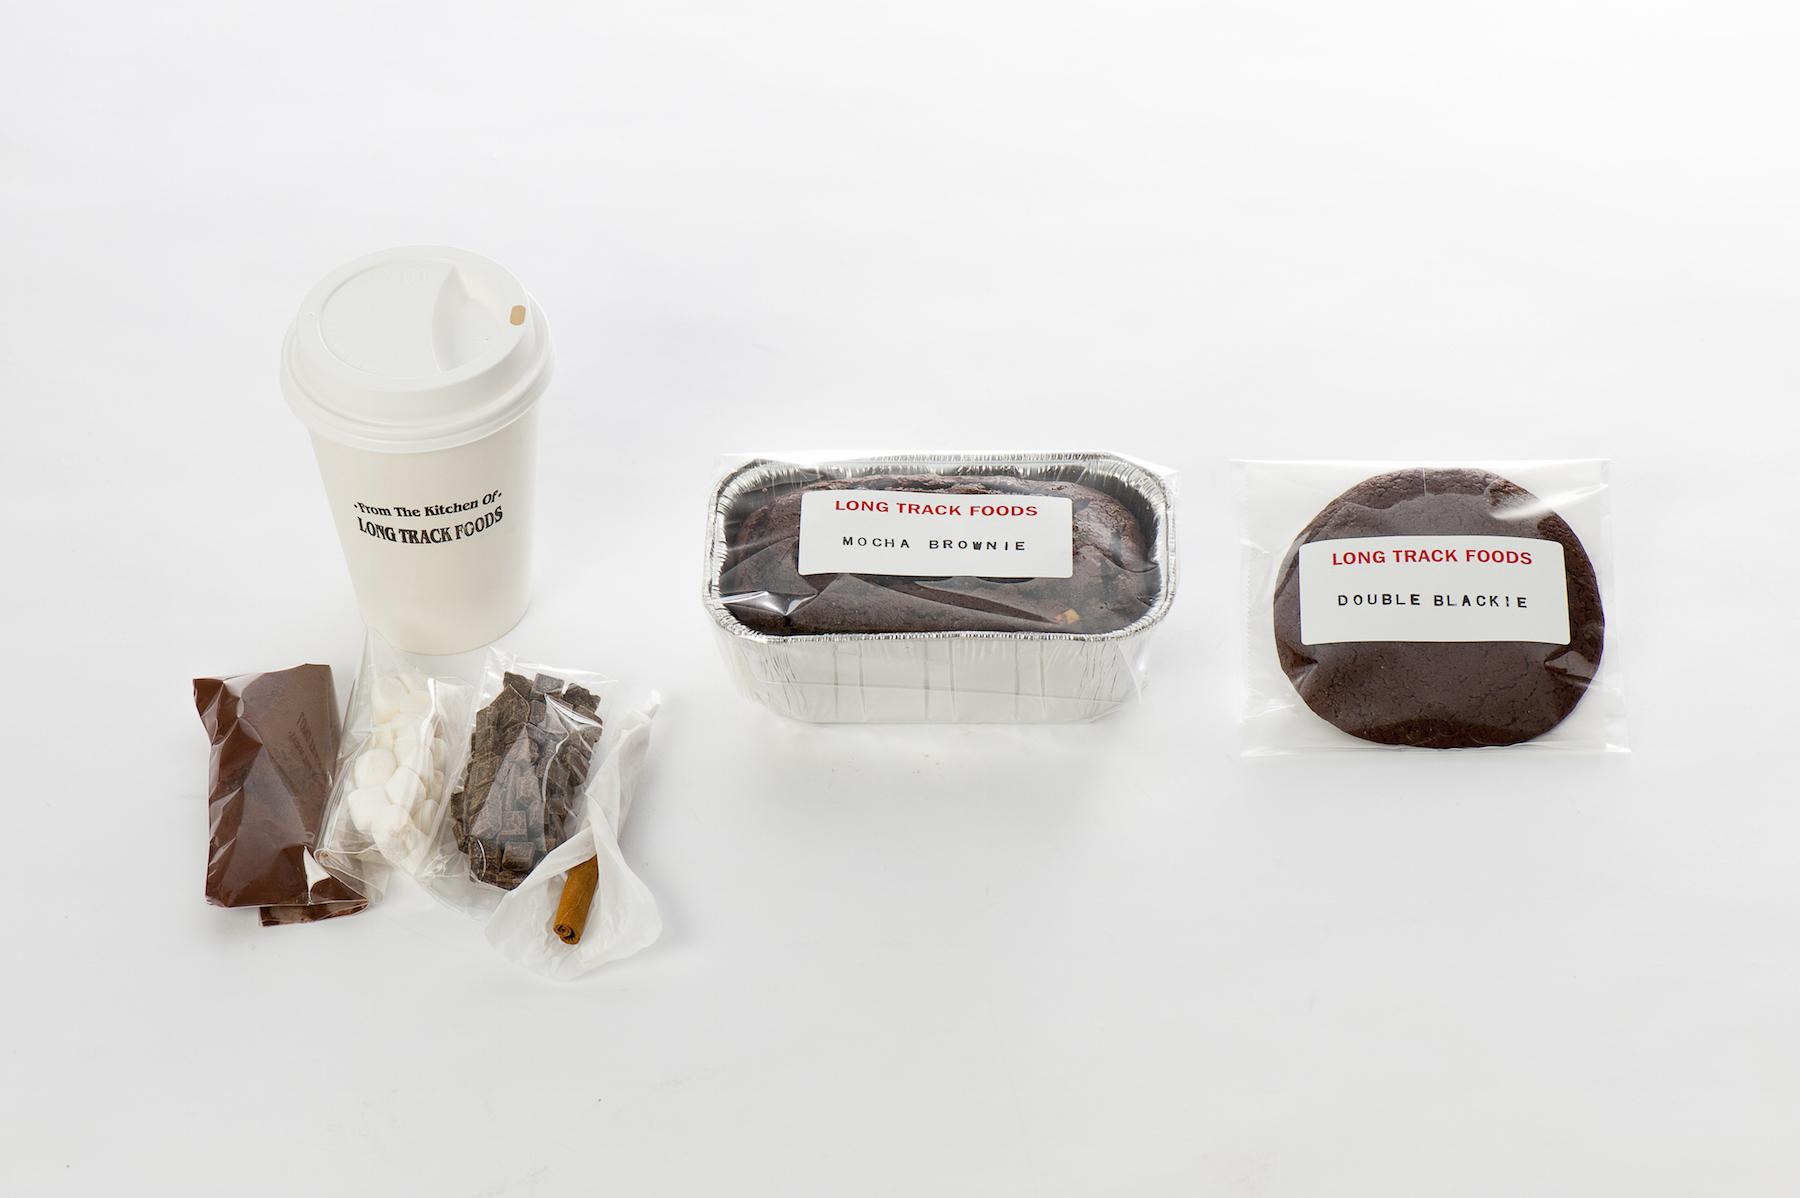 LONGTRACK FOODS(鎌倉) ダブルクッキー 280 円+税、モカブラウニー 1,300 円+税、ホットチョコレート 500 円+税 など